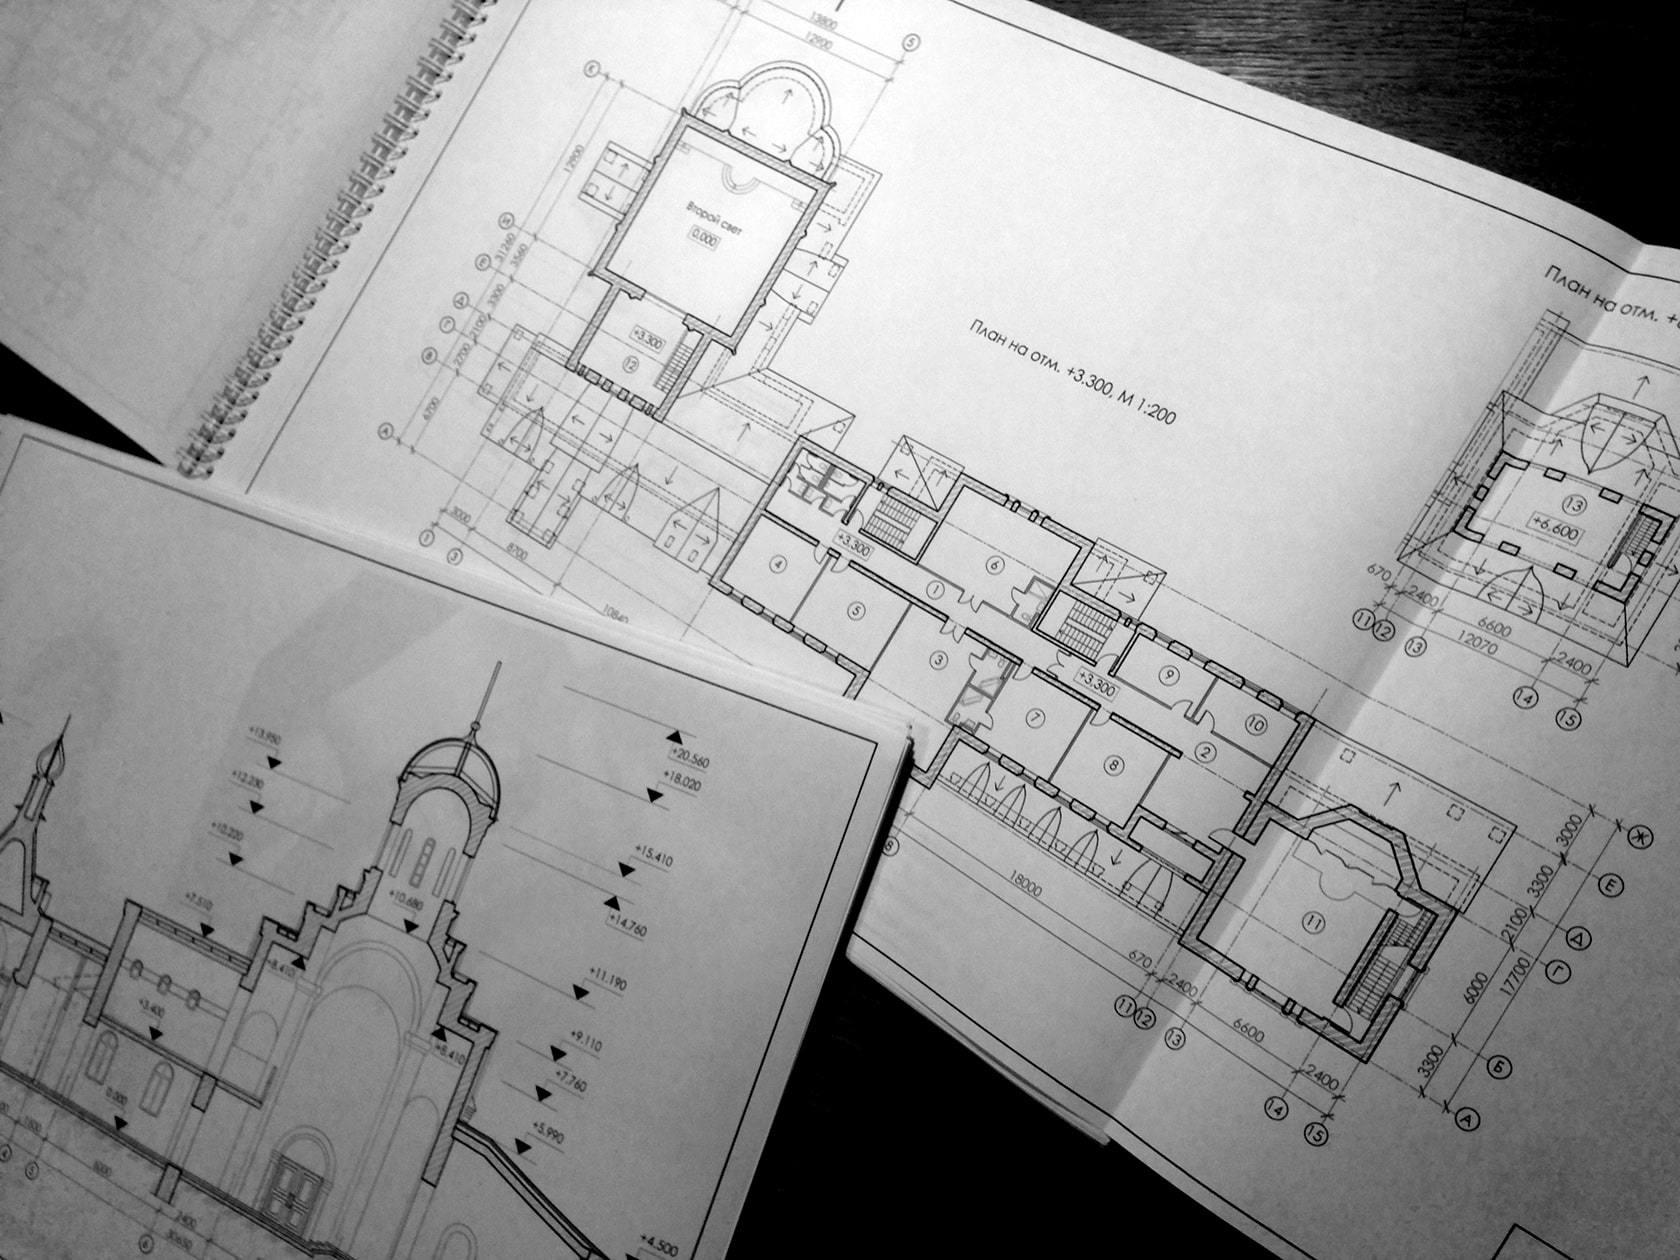 Чертежи восстановления и реконструкции храма и строительства нового корпуса Иверского монастыря